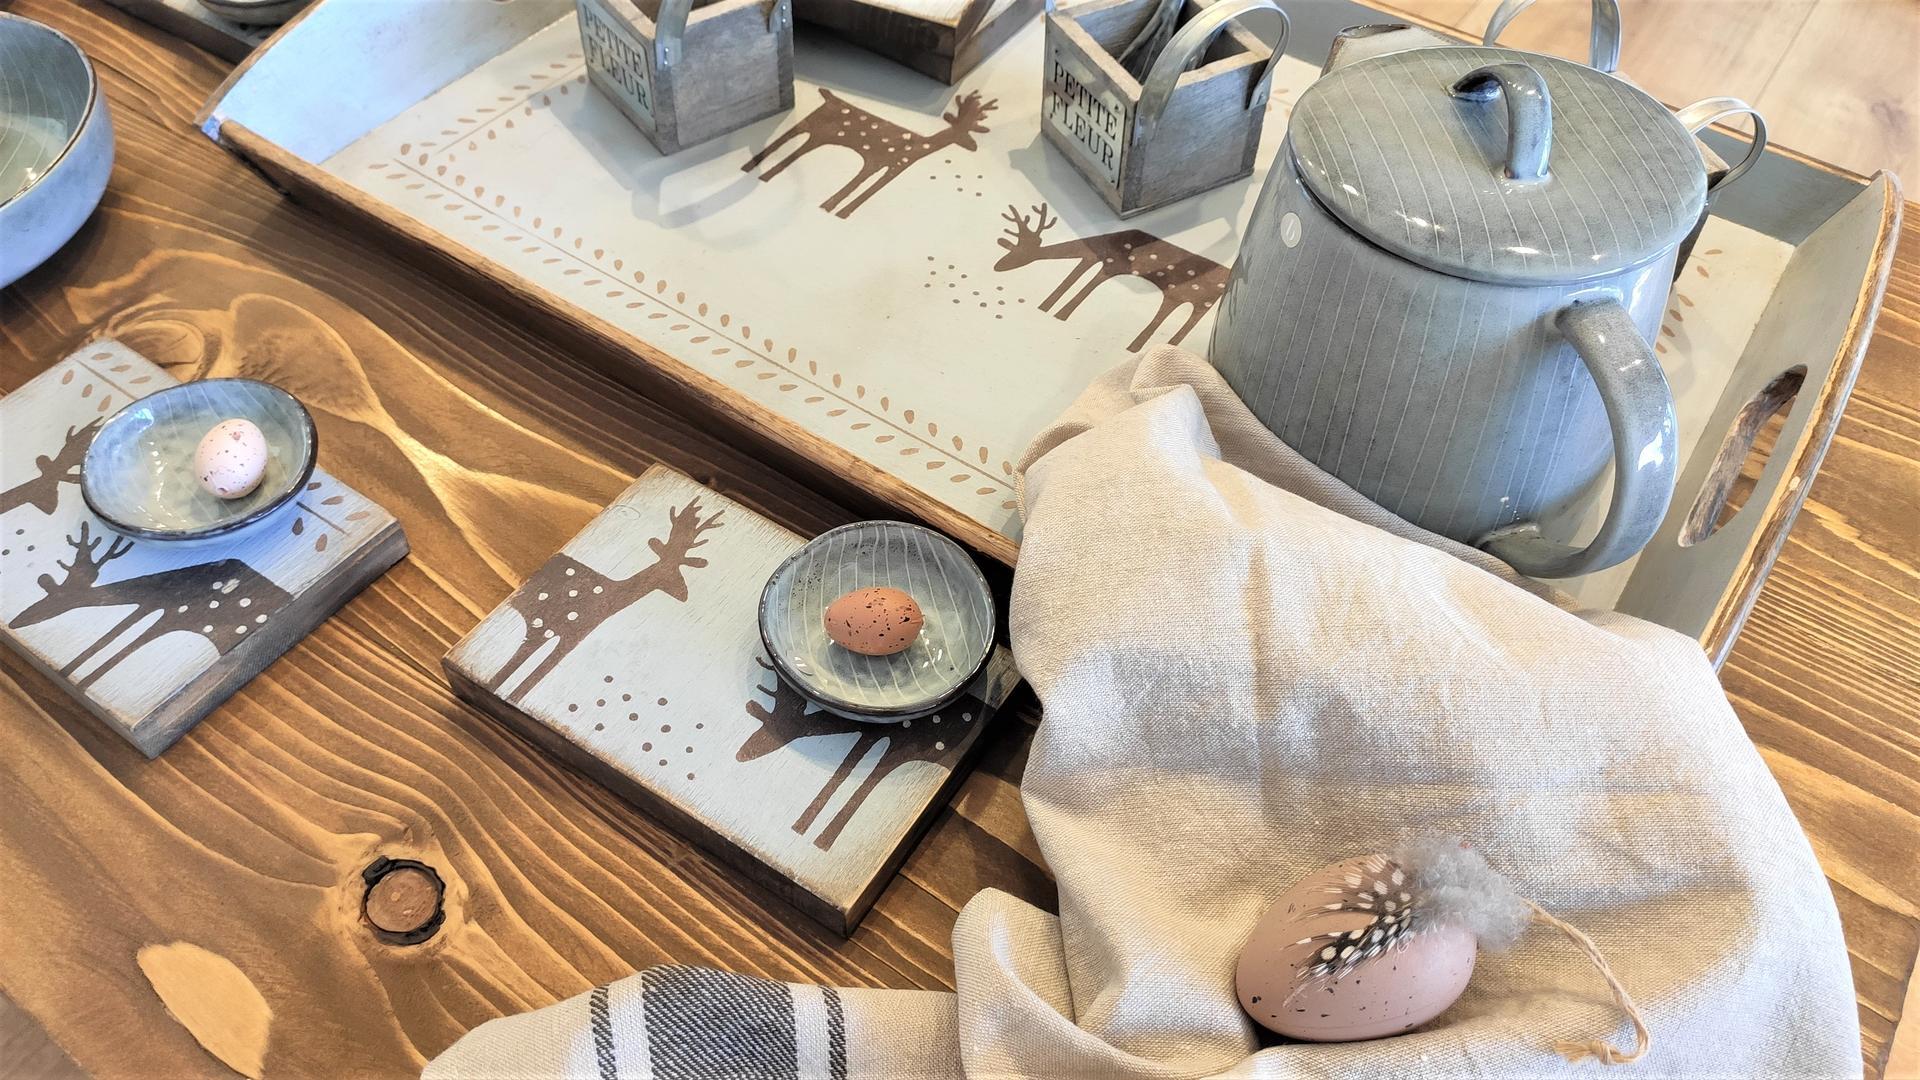 Relaxačný domček sauna a oddychová miestnosť ... plány, príprava a realizácia - Obrázok č. 59